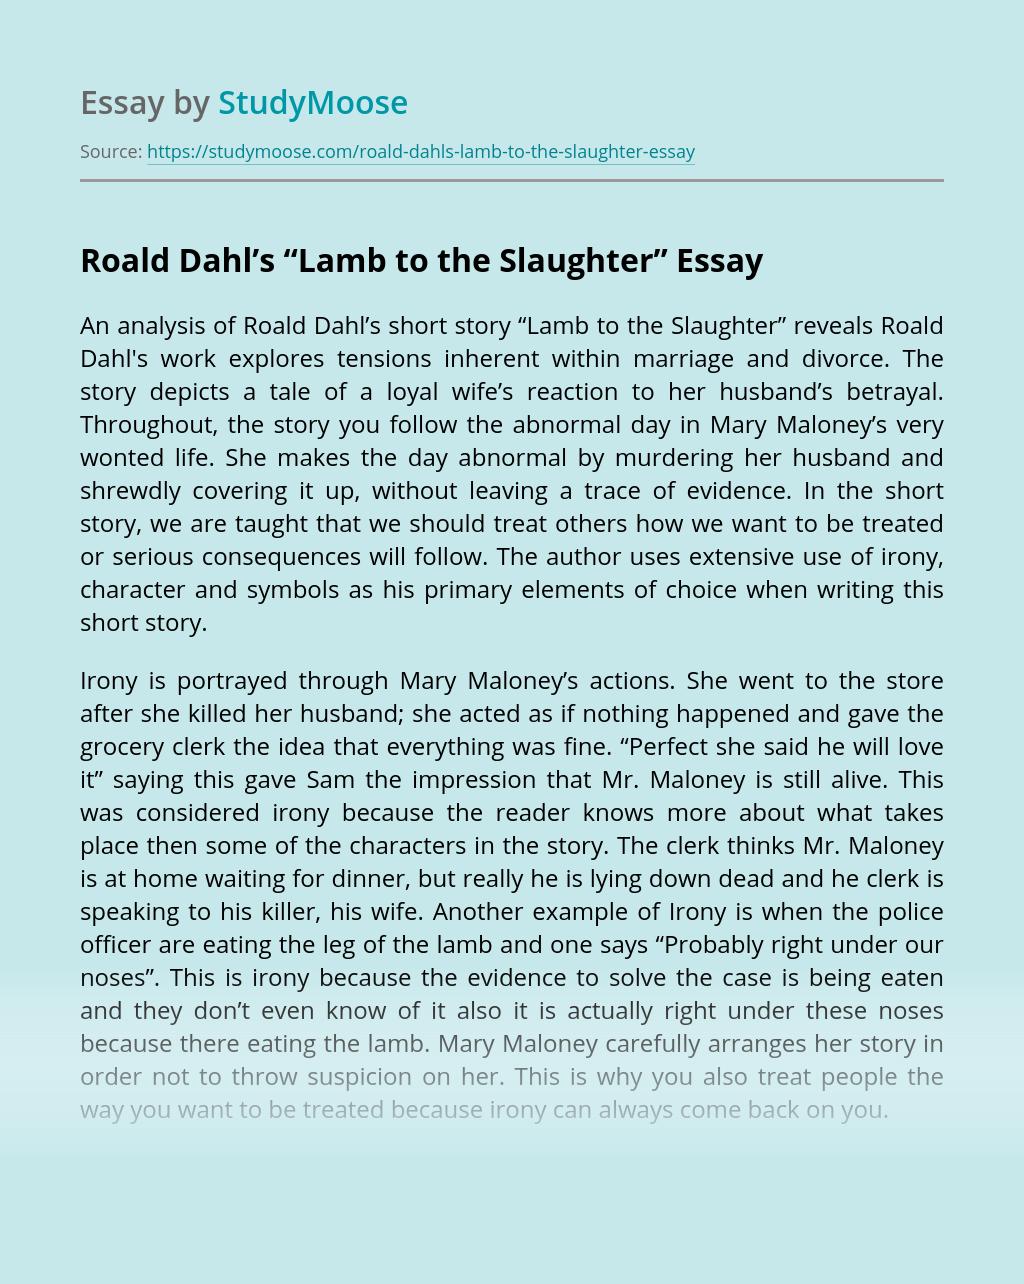 """An analysis of Roald Dahl's """"Lamb to the Slaughter"""""""